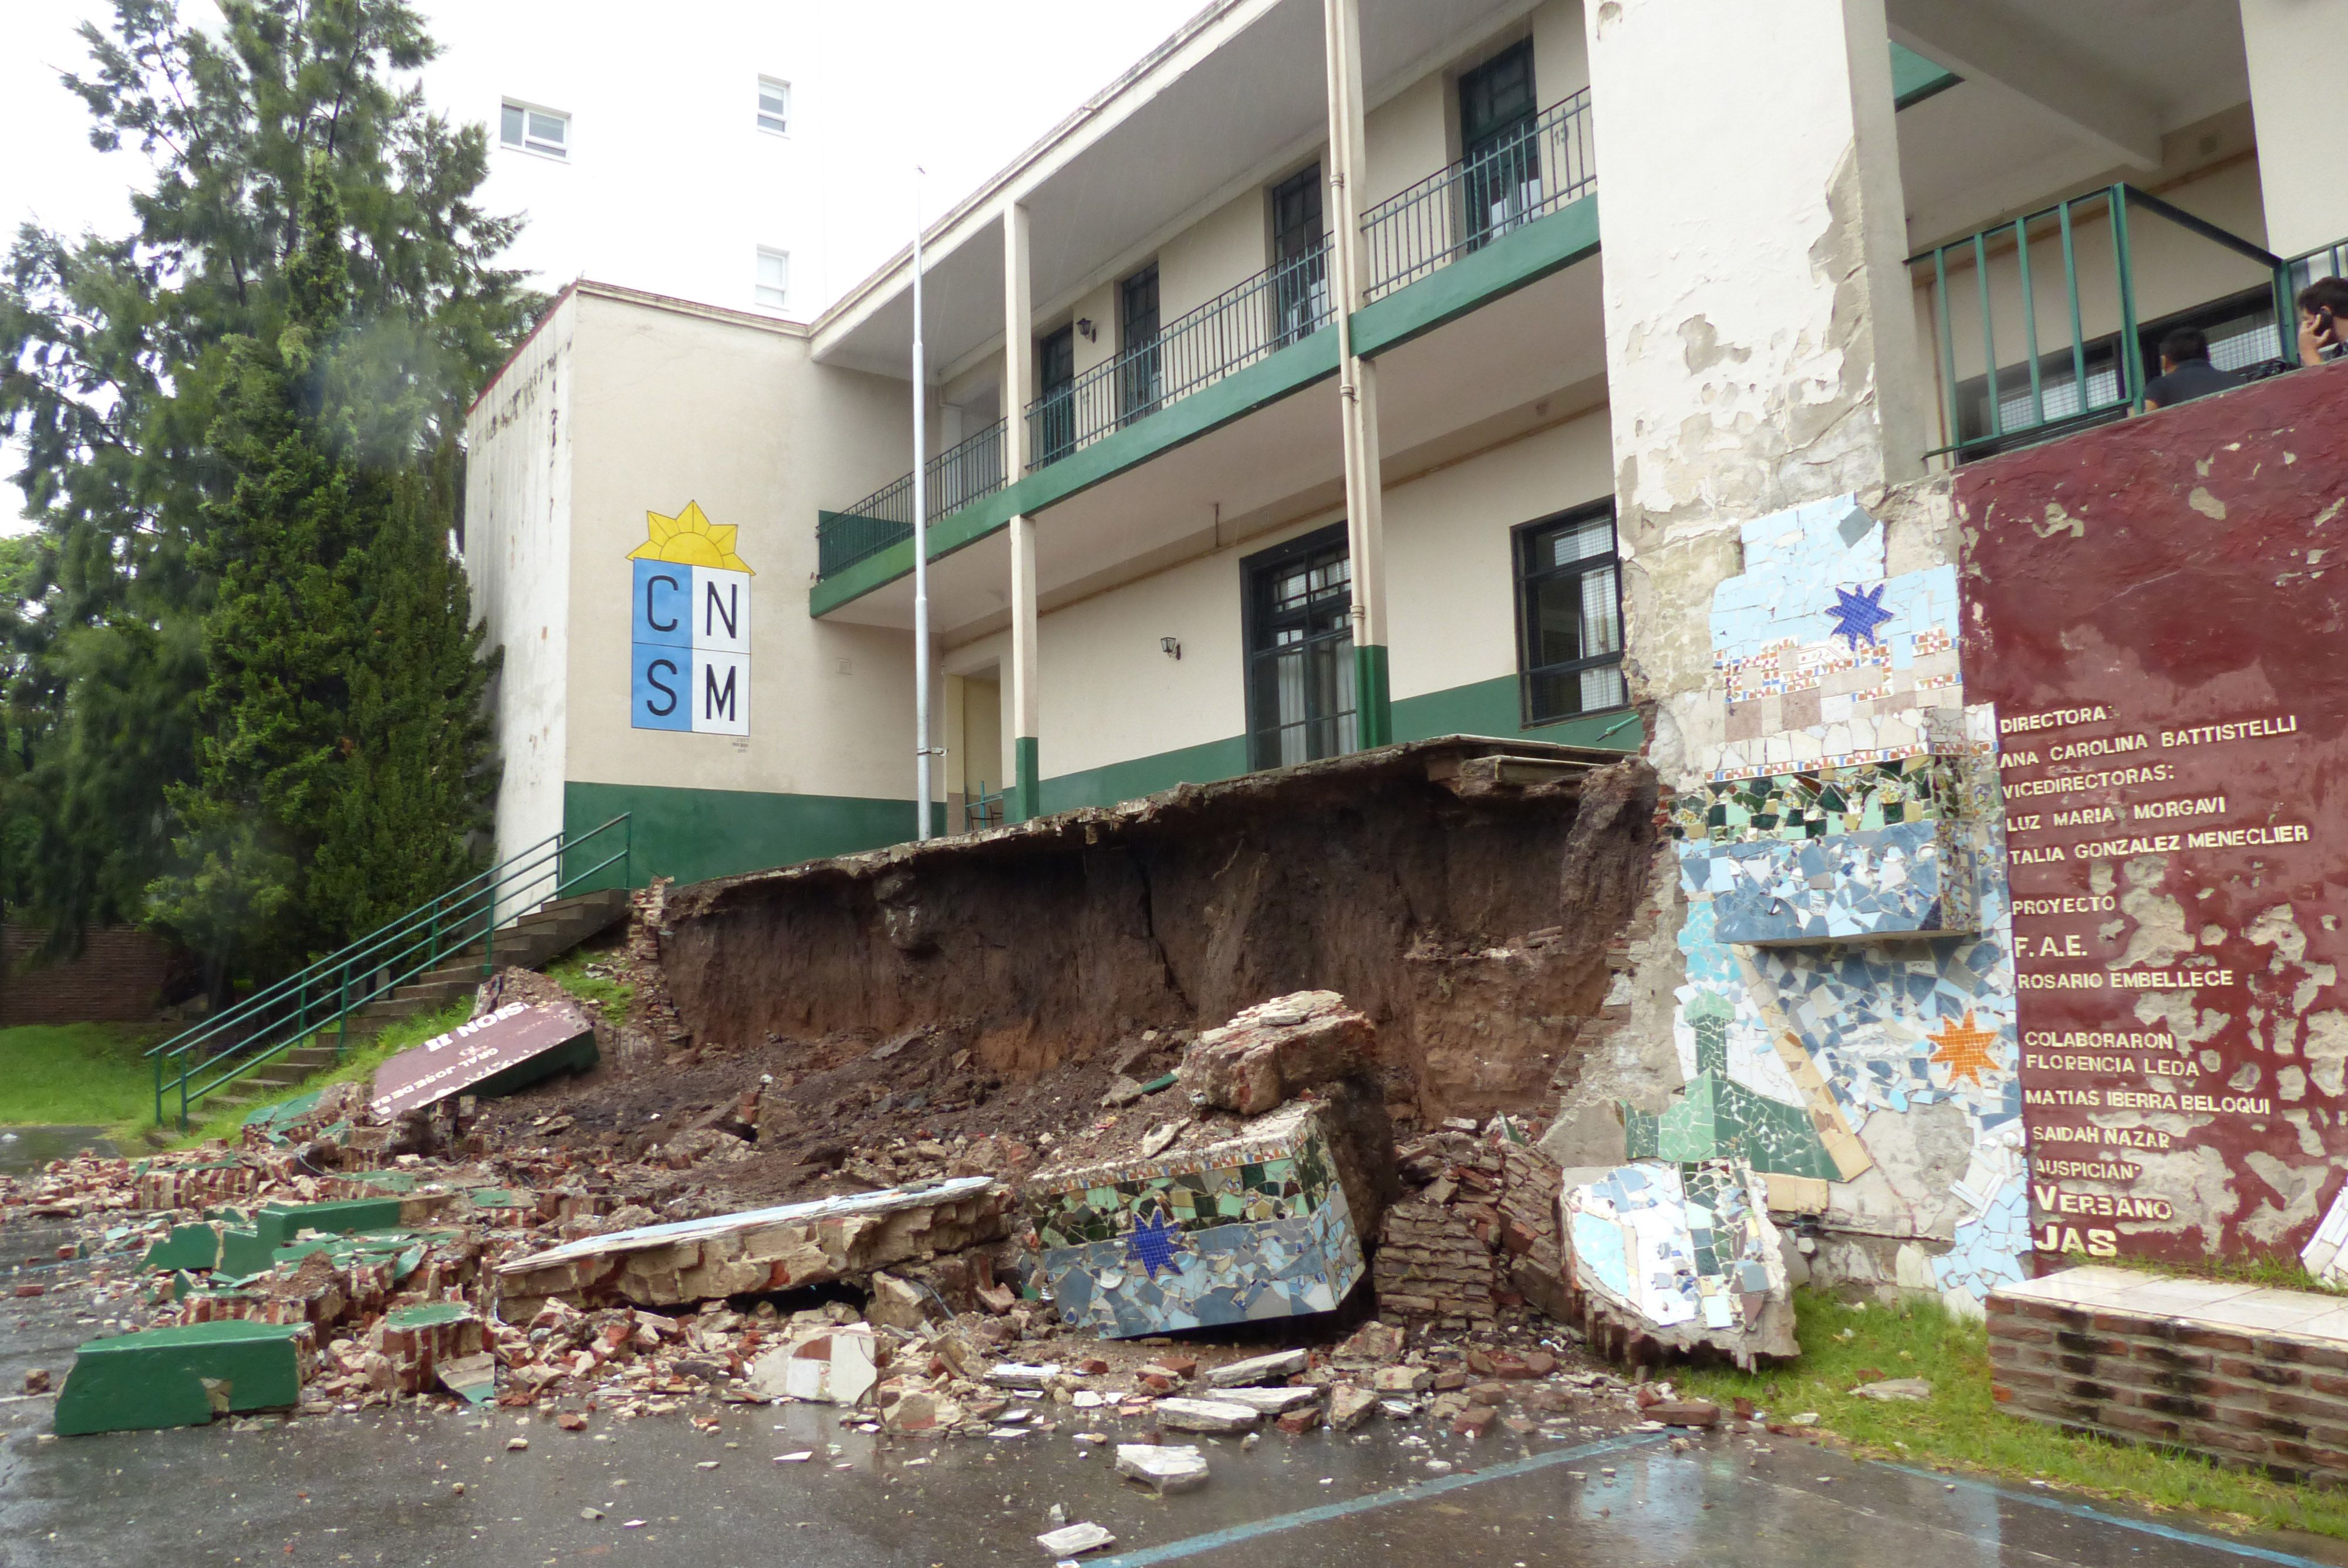 El derrumbe ocurrió el viernes pasado. No hubo lesionados. Ese día comenzaban a tomar exámenes el centenario edificio. (Foto La Capital/A. Amaya)